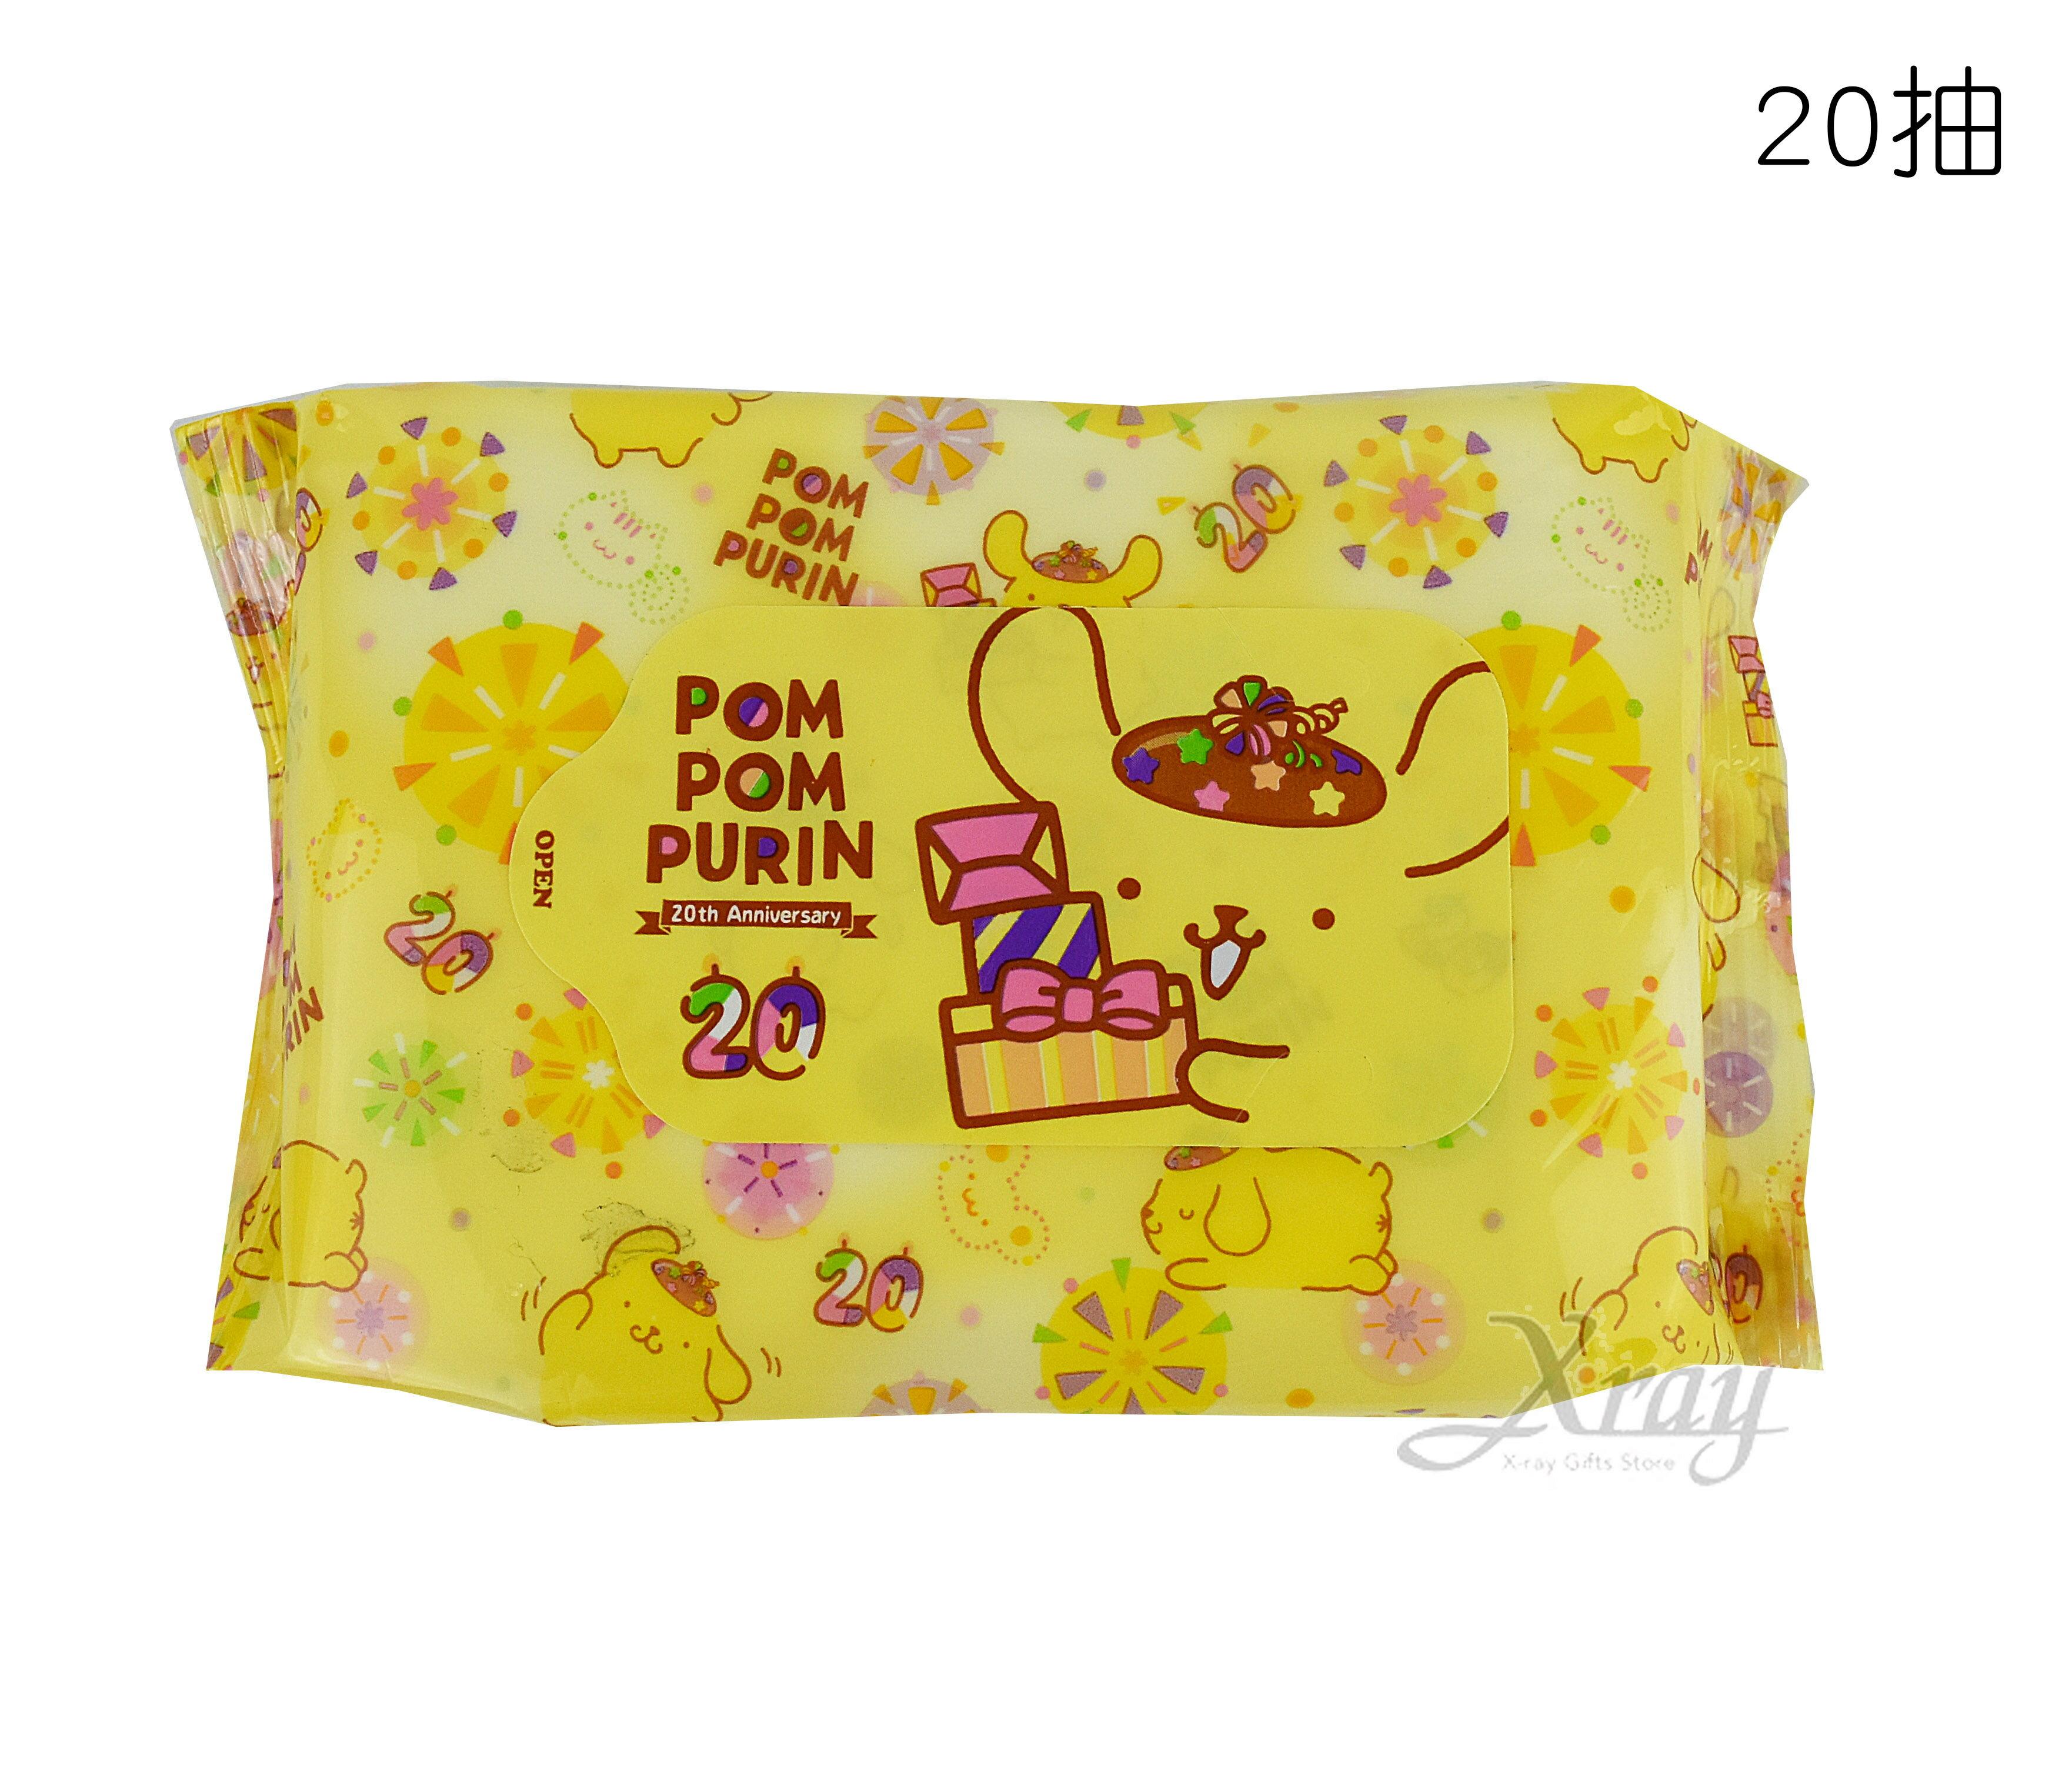 X射線【C507449】布丁狗手濕巾-20週年(20抽),濕紙巾/嬰兒濕紙巾/衛生紙/面紙/經期用濕紙巾/隨身包